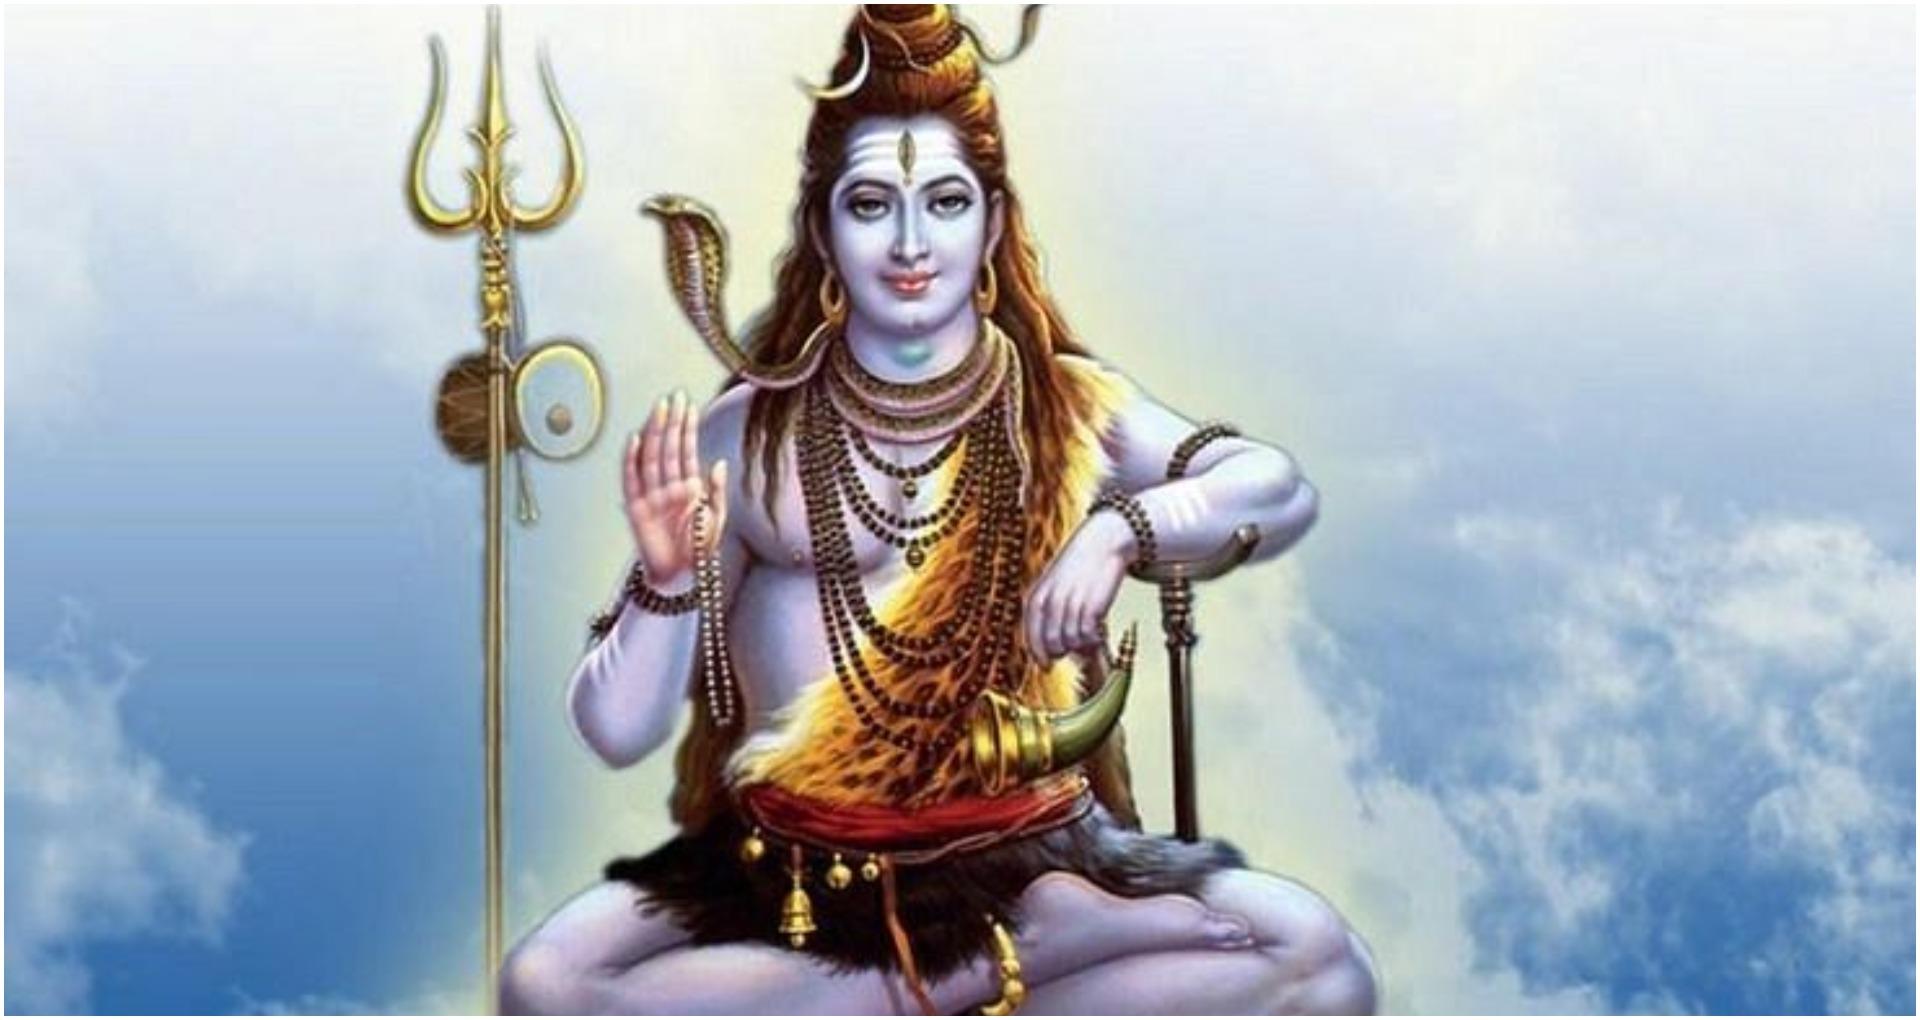 Maha Shivratri 2020 Date: महाशिवरात्रि कब है? जानें शिव पूजा का शुभ मुहूर्त और इसका महत्व